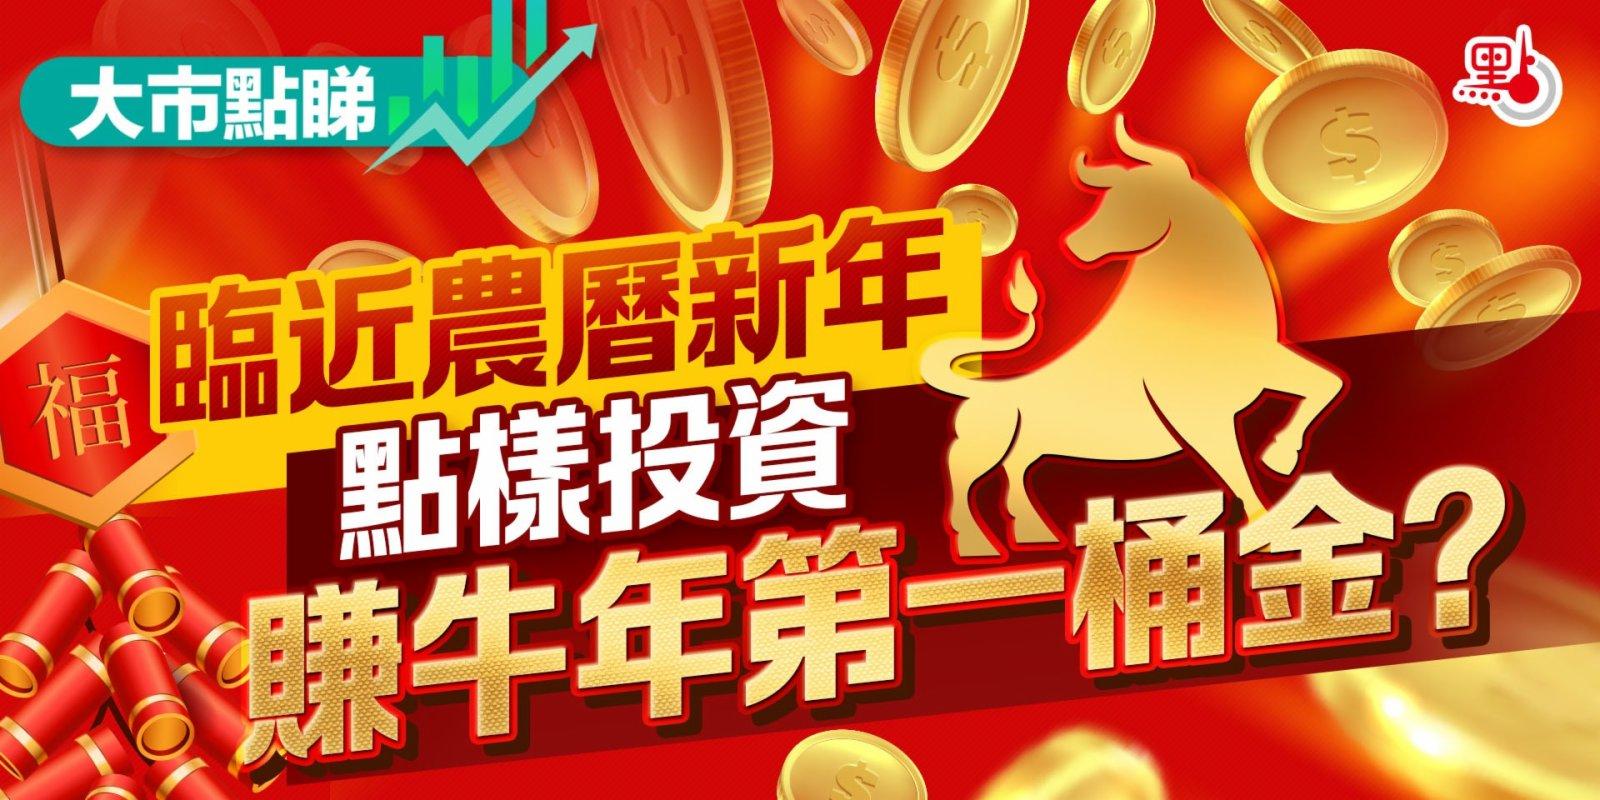 大市點睇|臨近農曆新年 點樣投資賺牛年第一桶金?